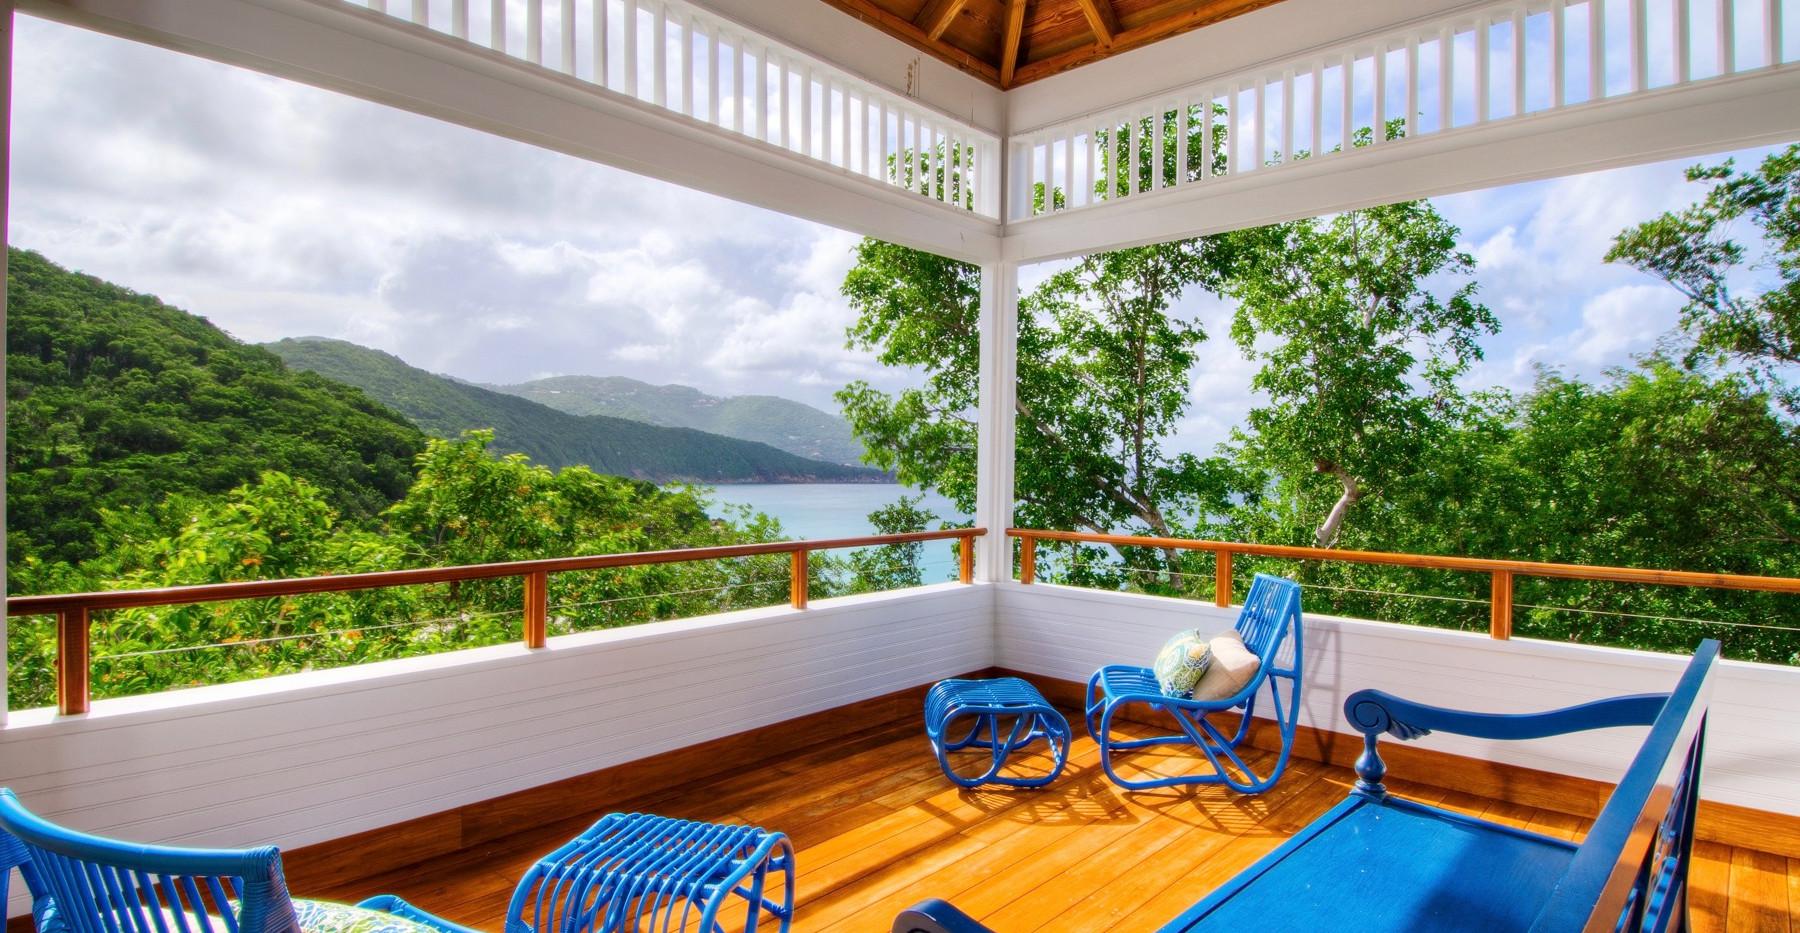 Villa-parvati-little-bay-bvi-27-Bedroom